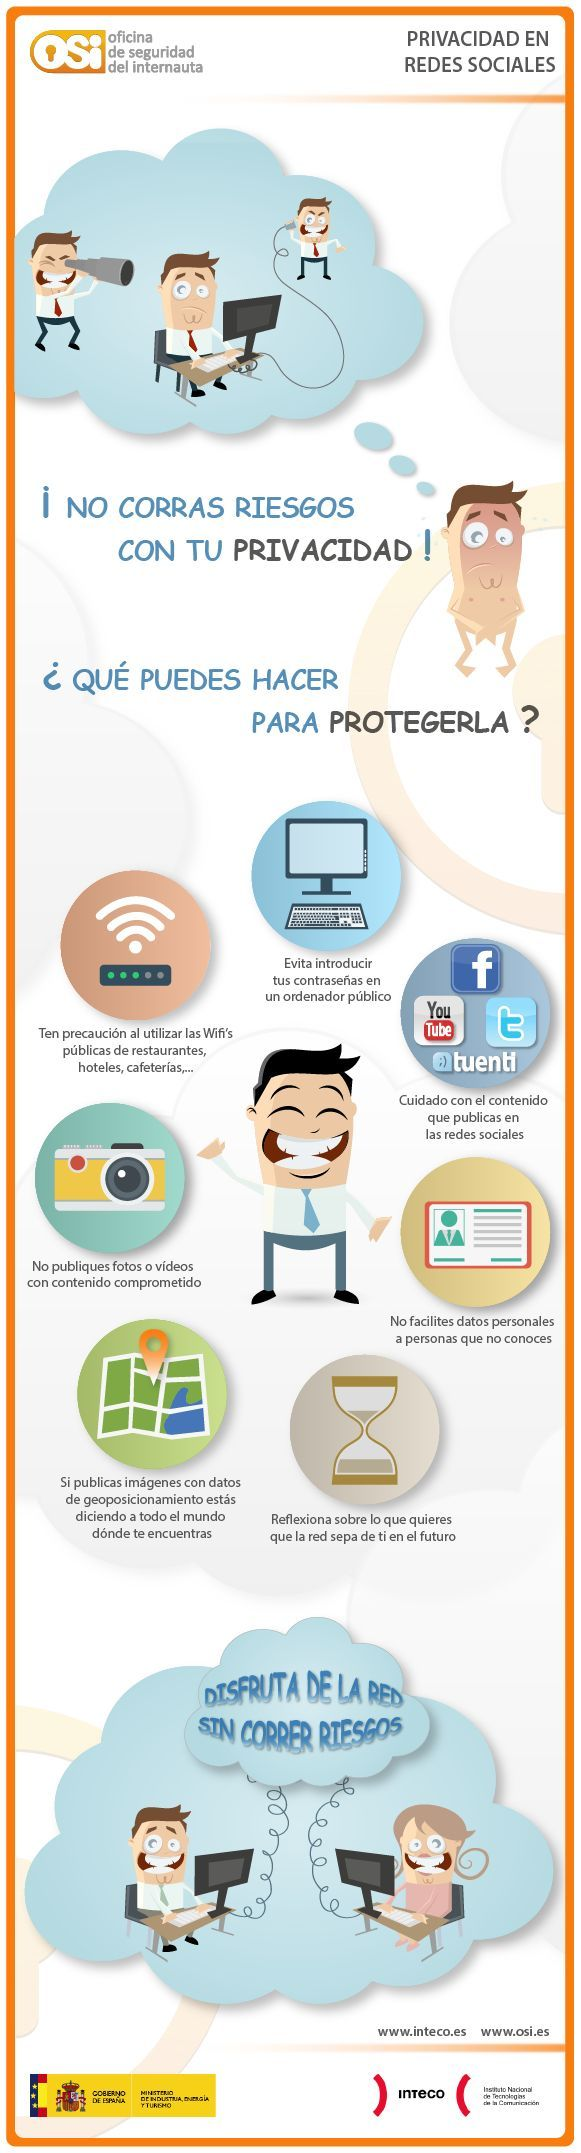 Privacidad en Redes Sociales.